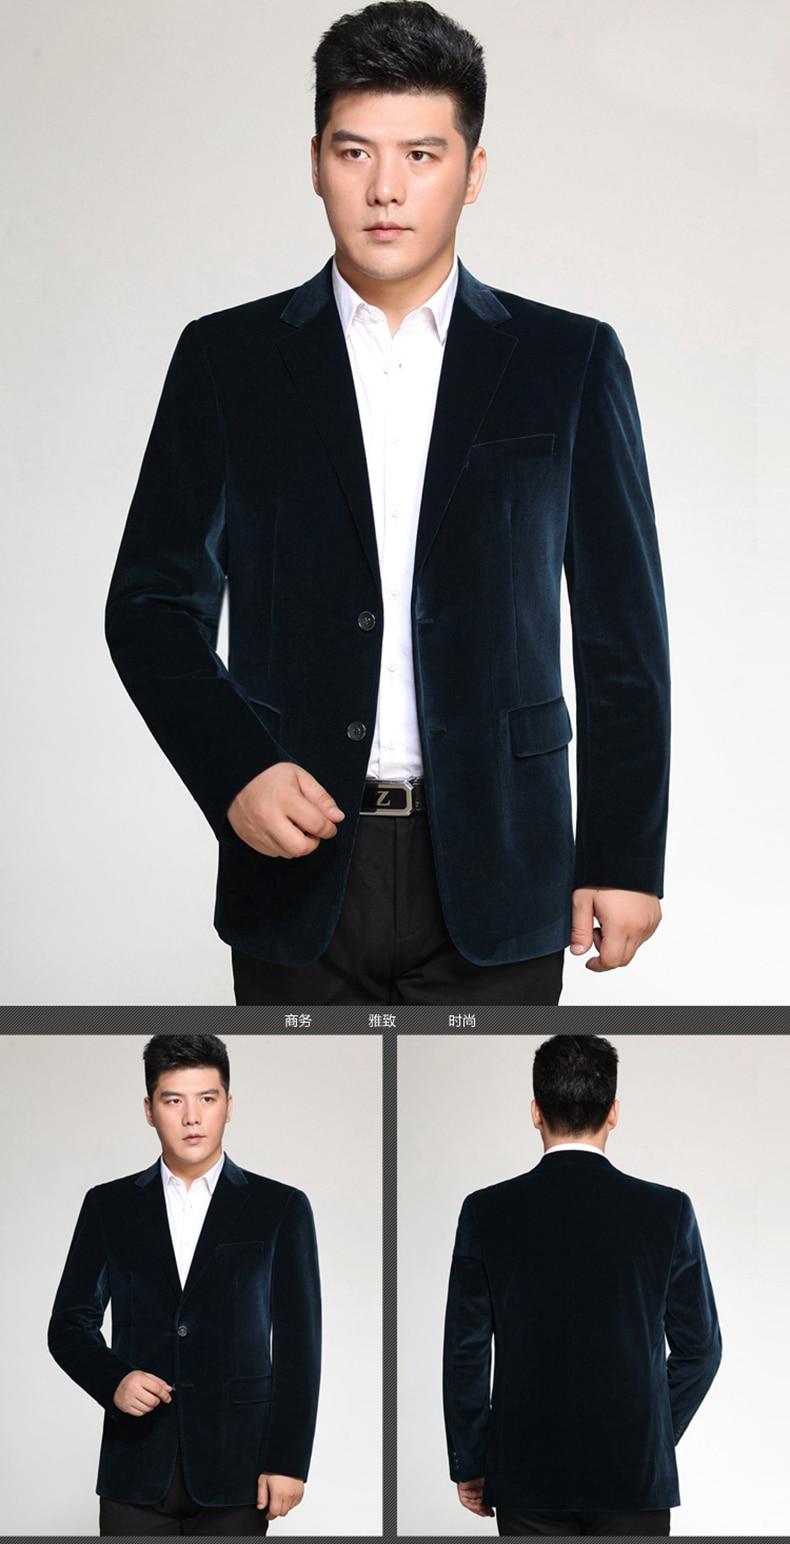 WAEOLSA Men Striped Velvet Blazers Elegant Plain Color Suit Coats Man Wool Blazer Hombre Corduroy Suit Jackets Red Navy Blue Uniform (10)